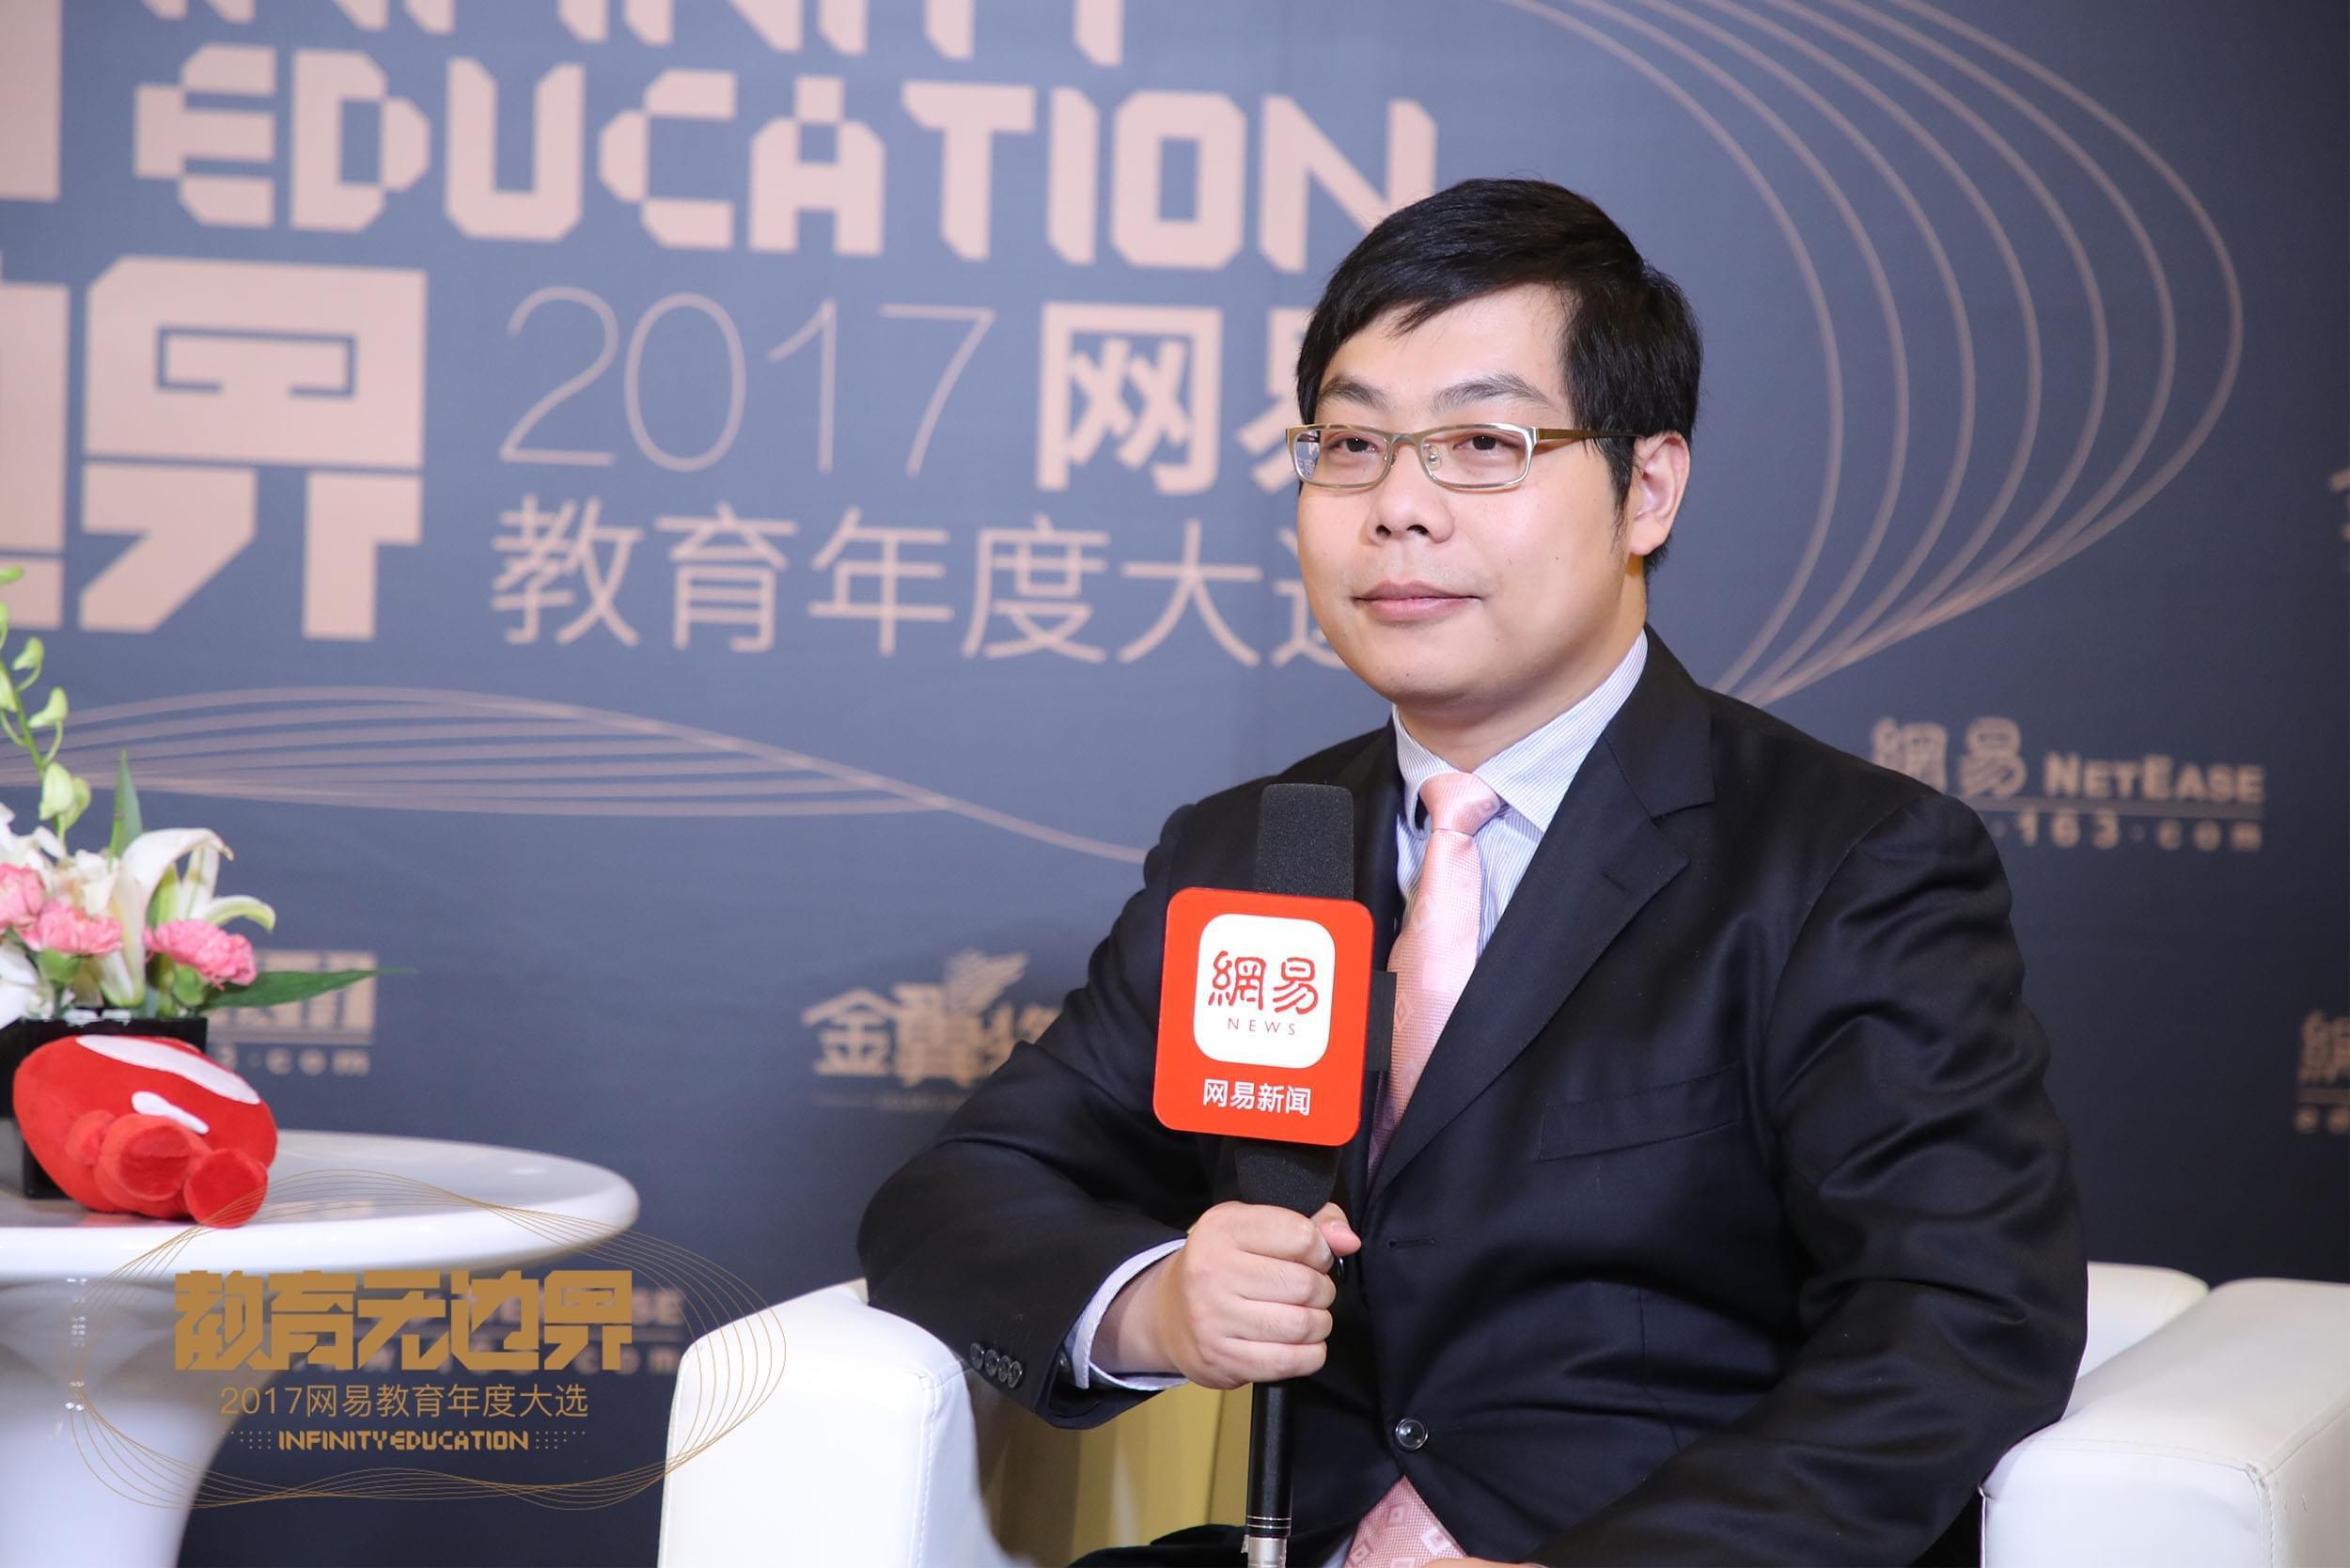 恒企教育总经理黄子星:提供更好优质教育资源